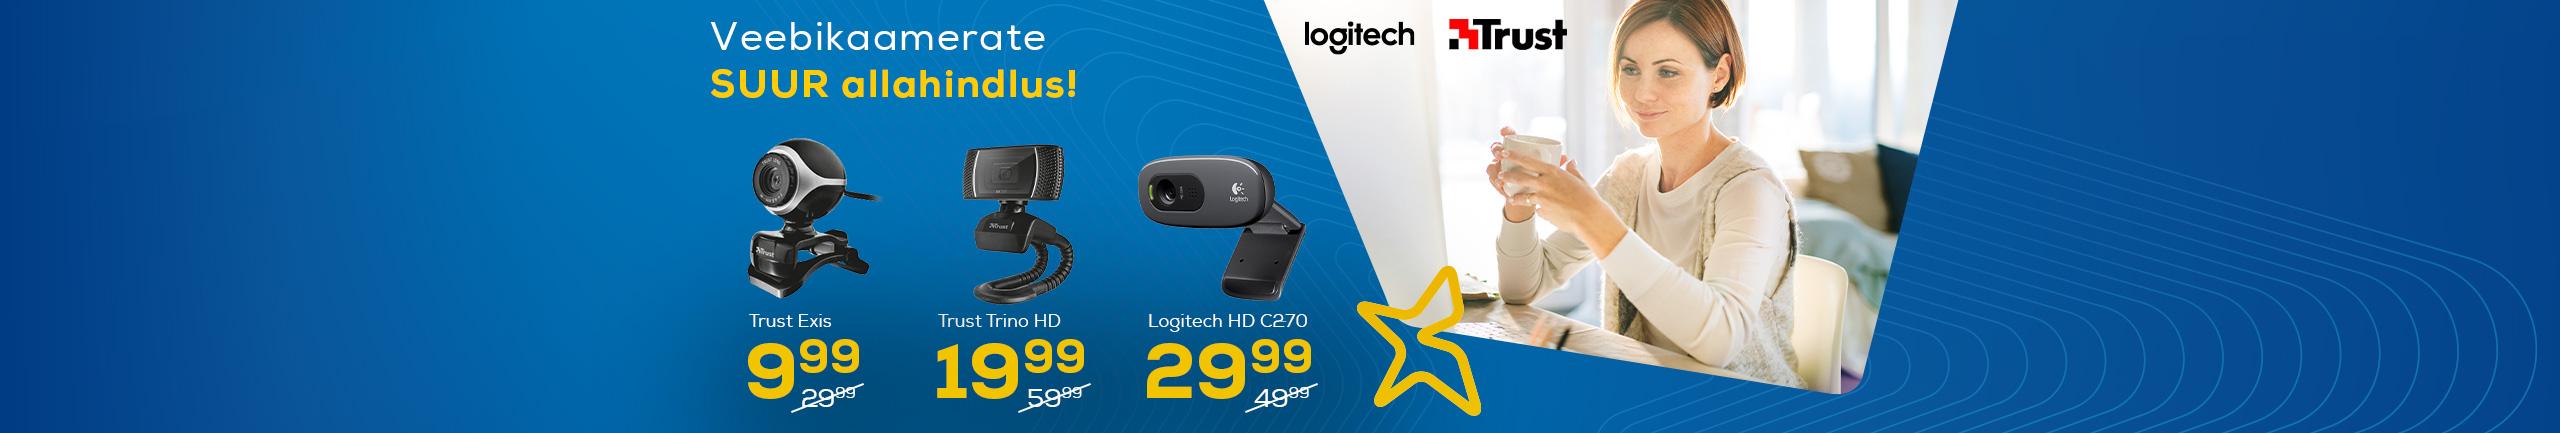 Sale for webcameras